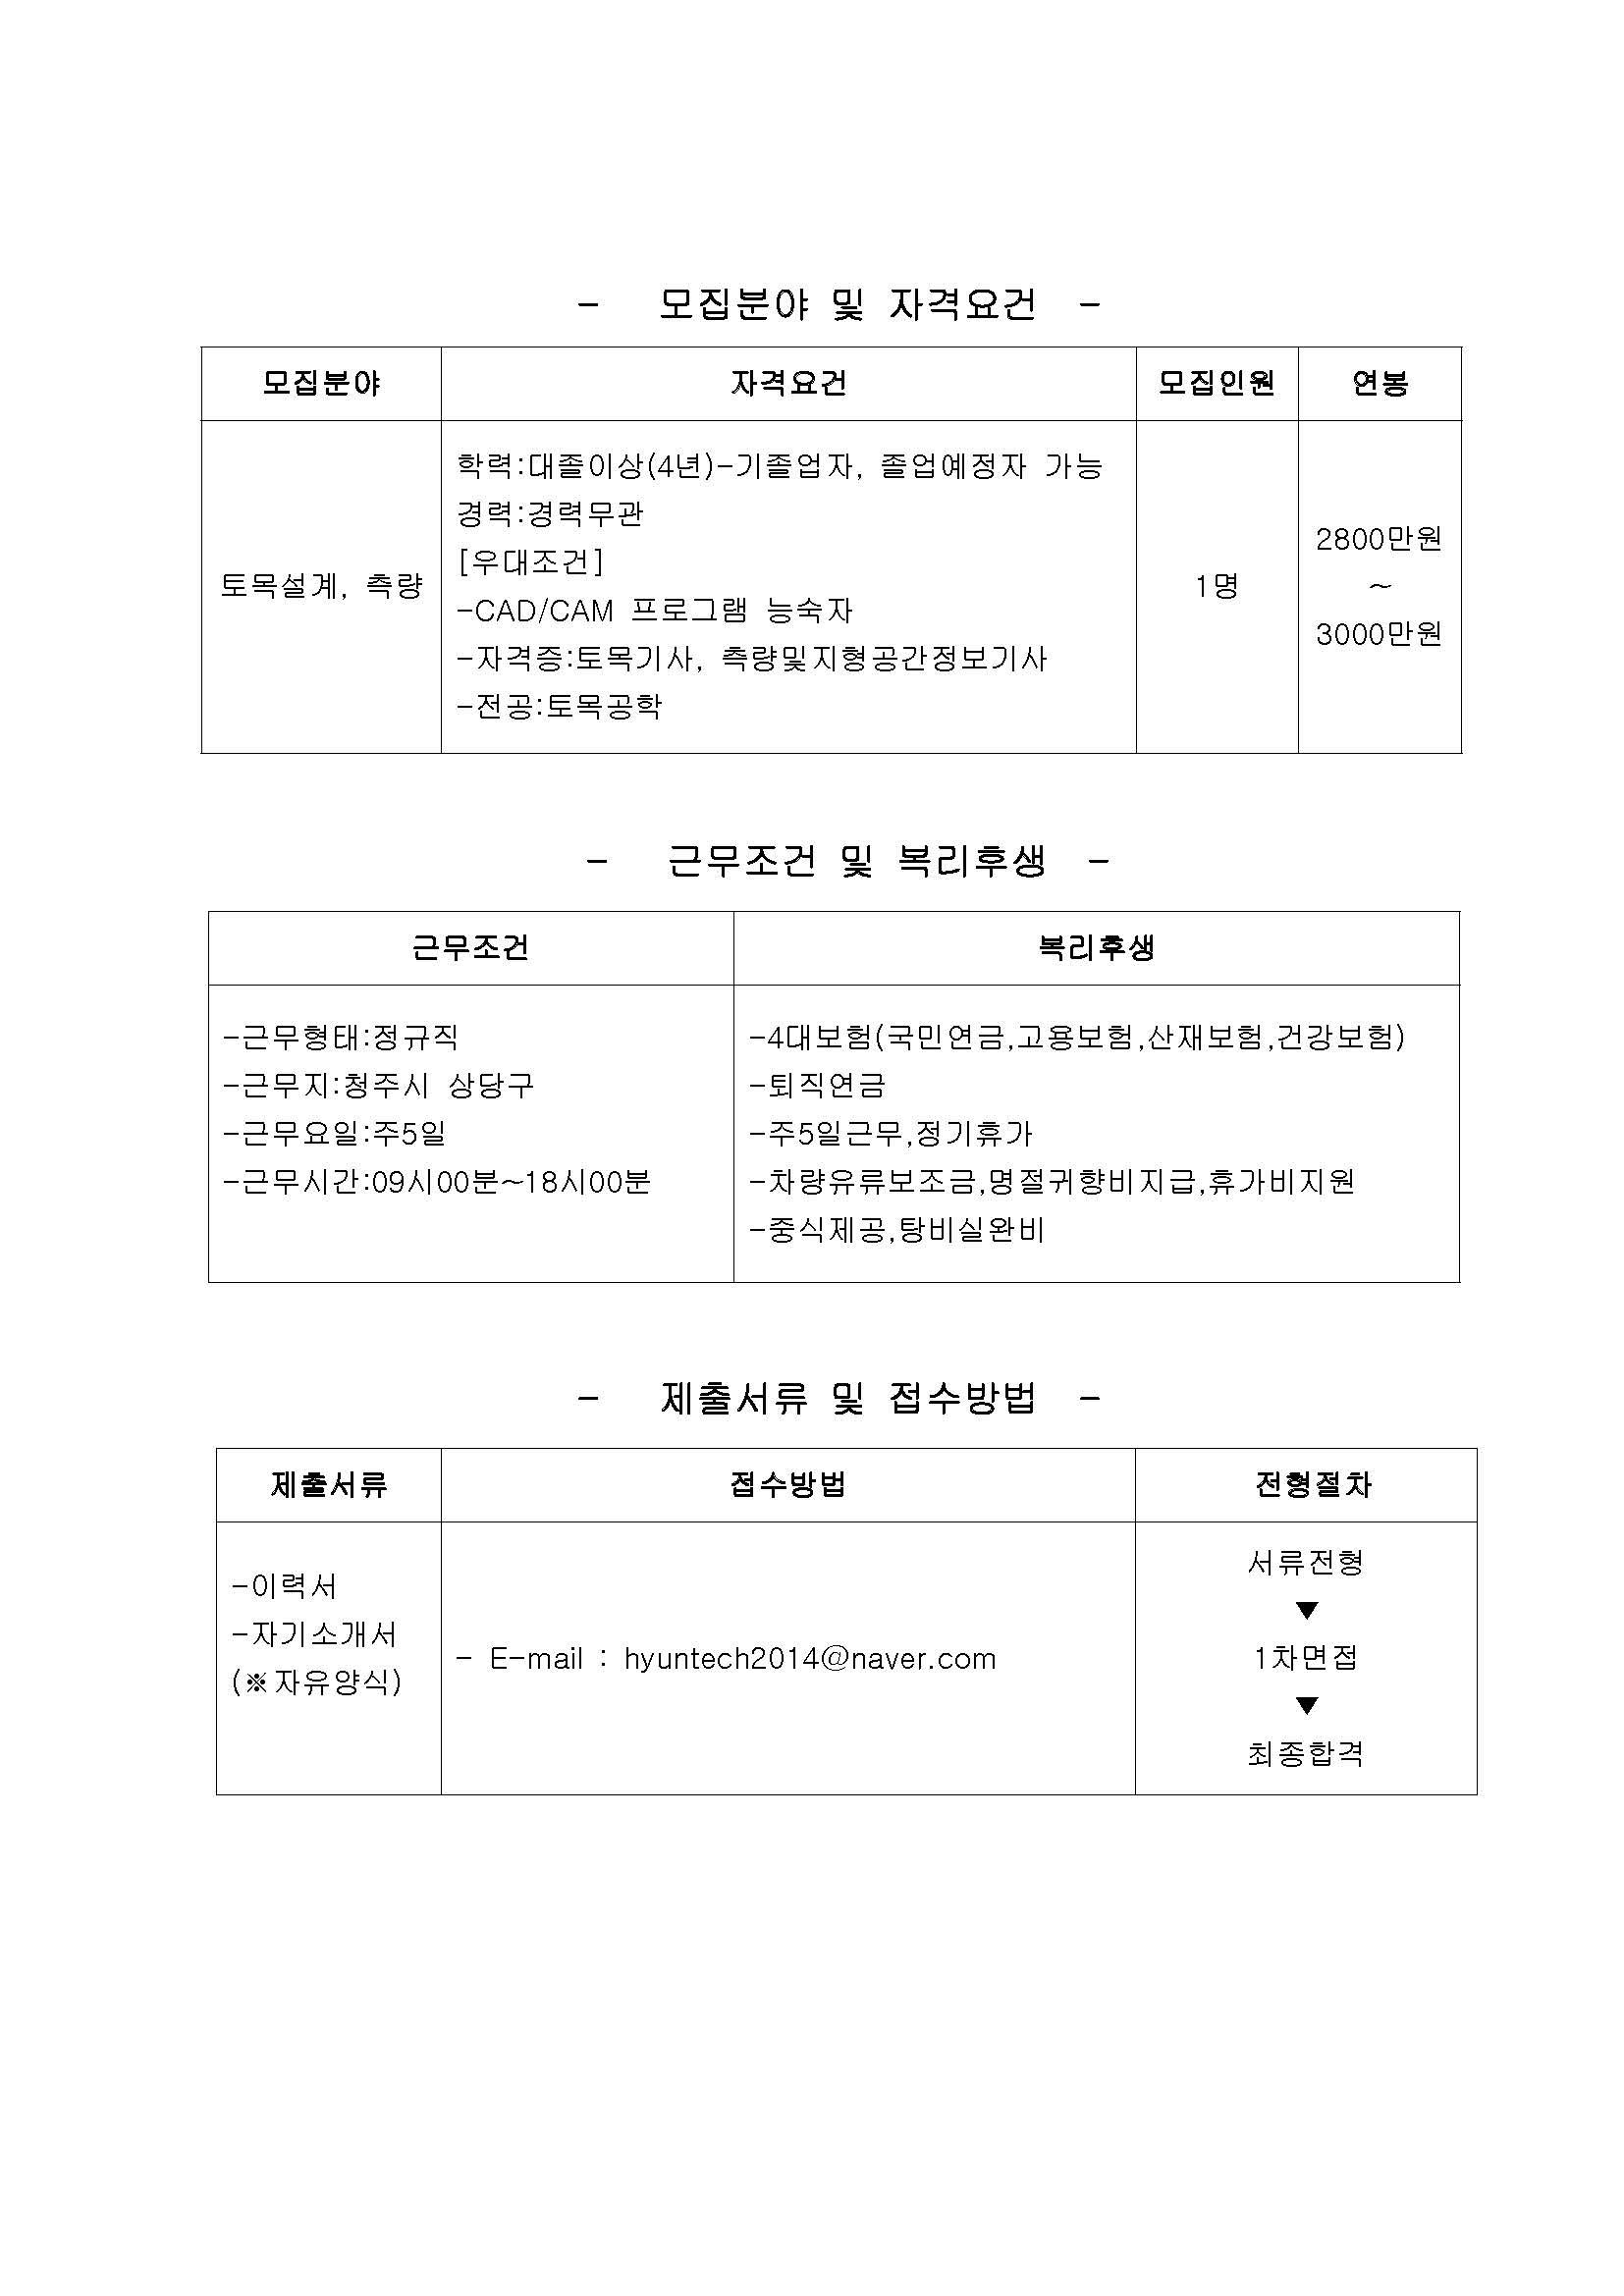 채용 협조공문_페이지_2.jpg